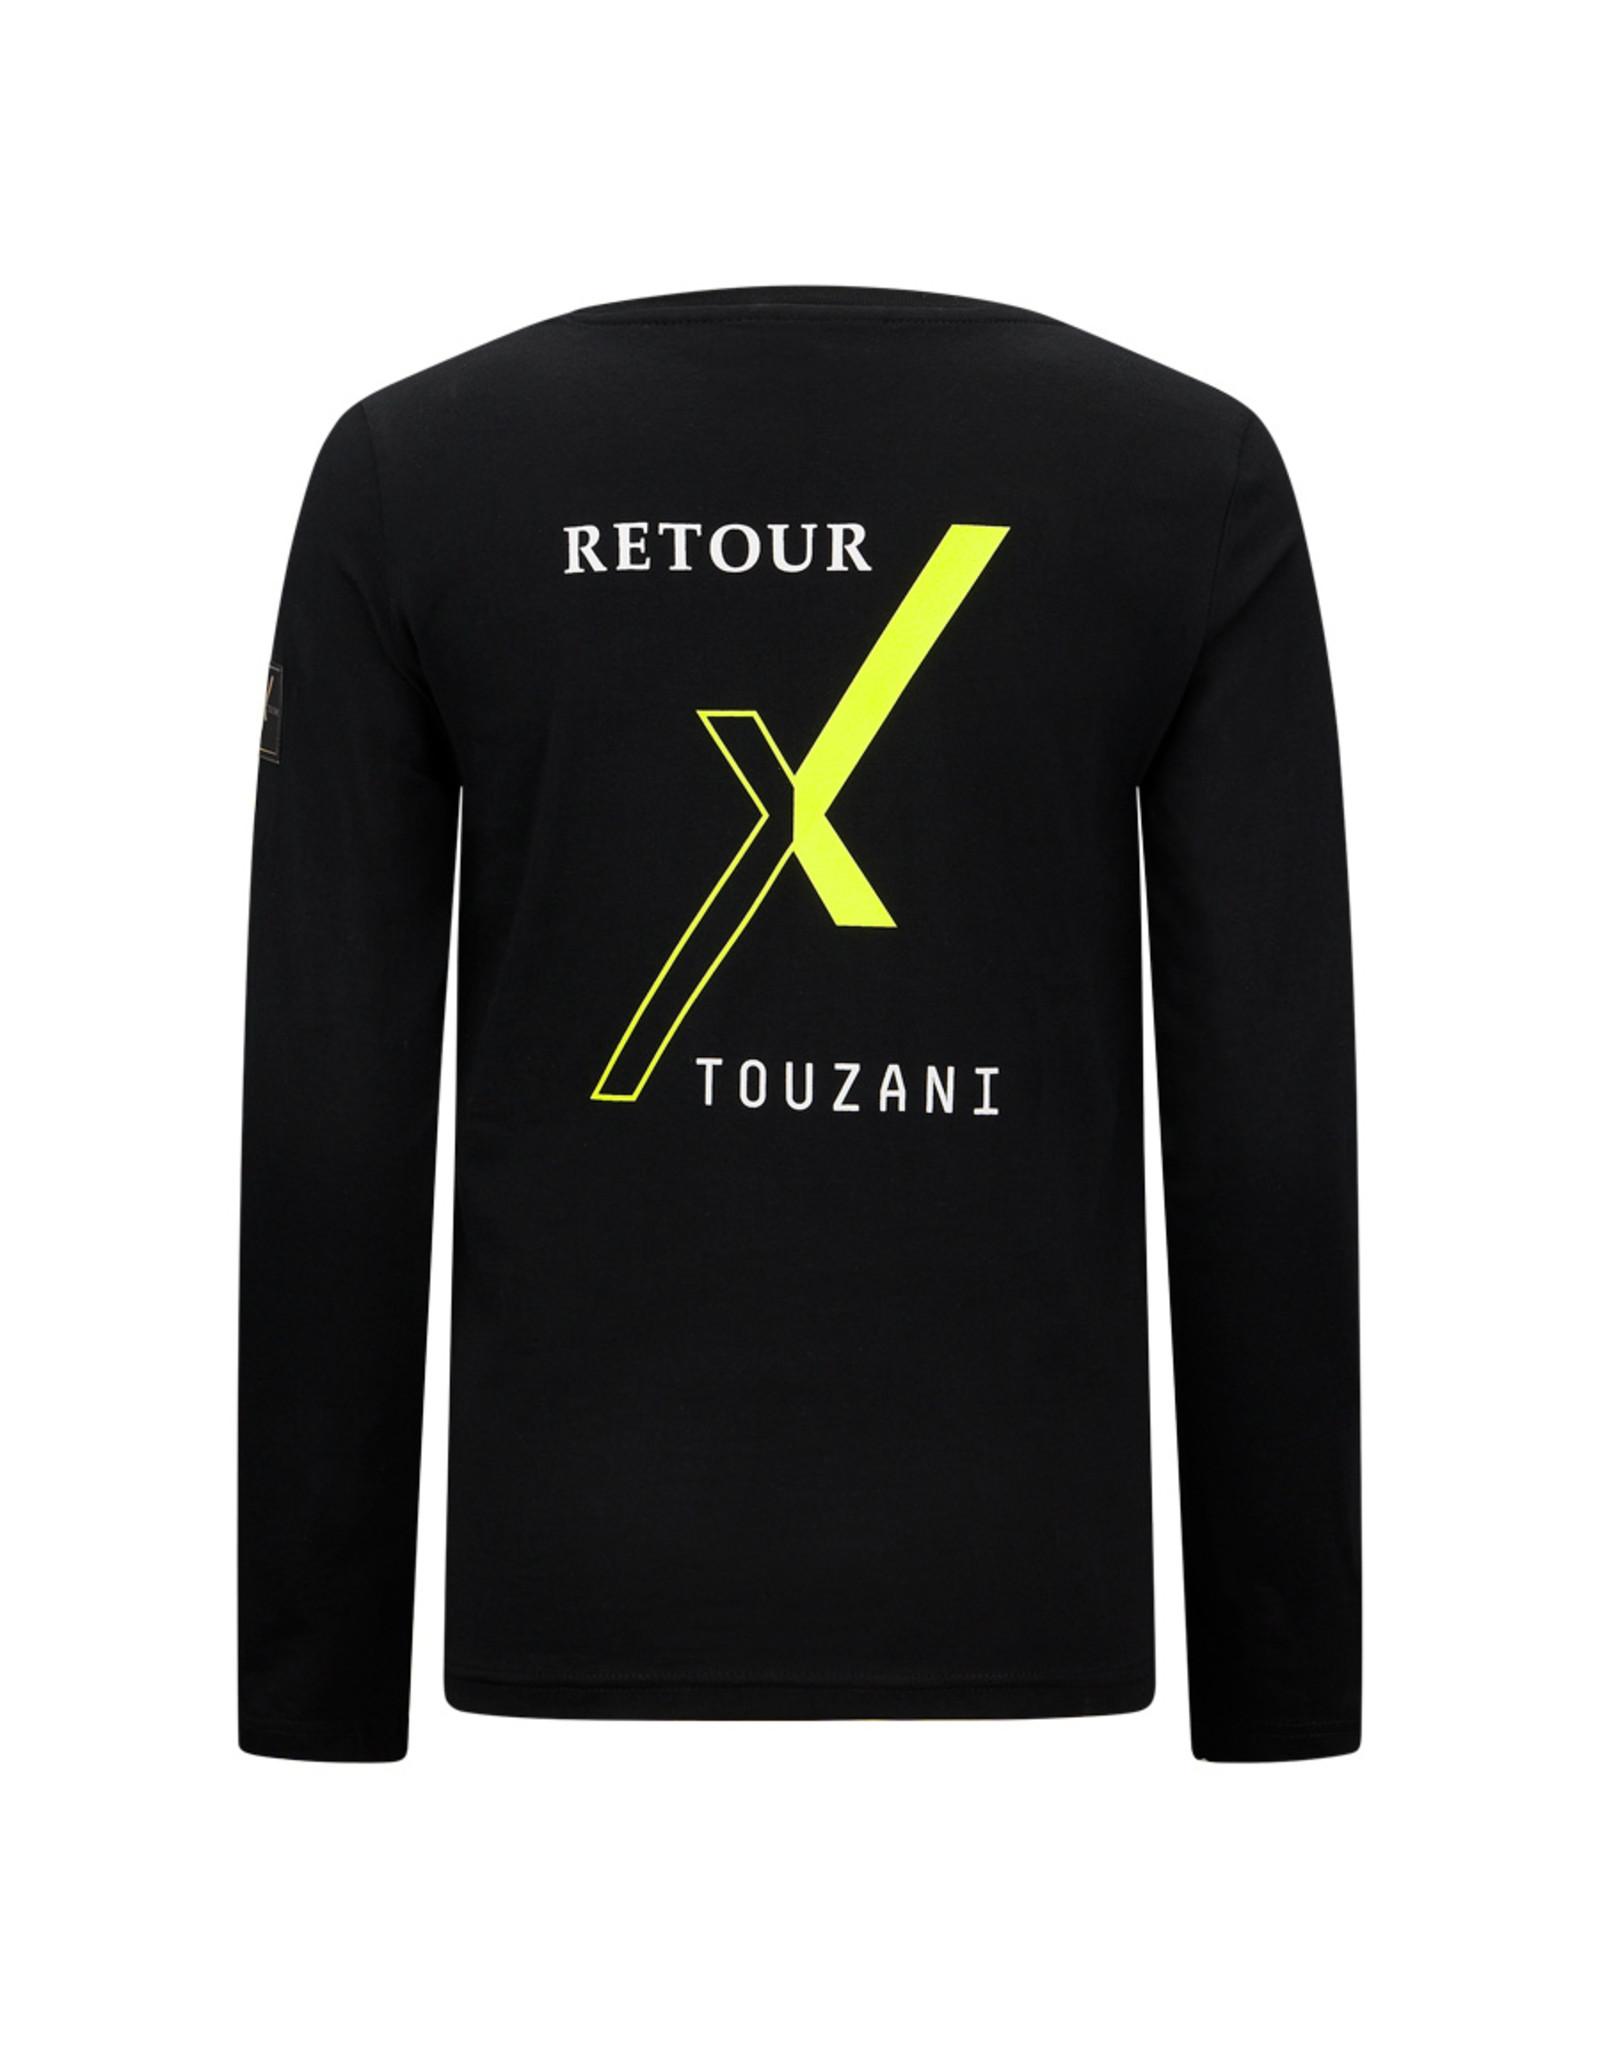 Retour Touzani goal longsleeve